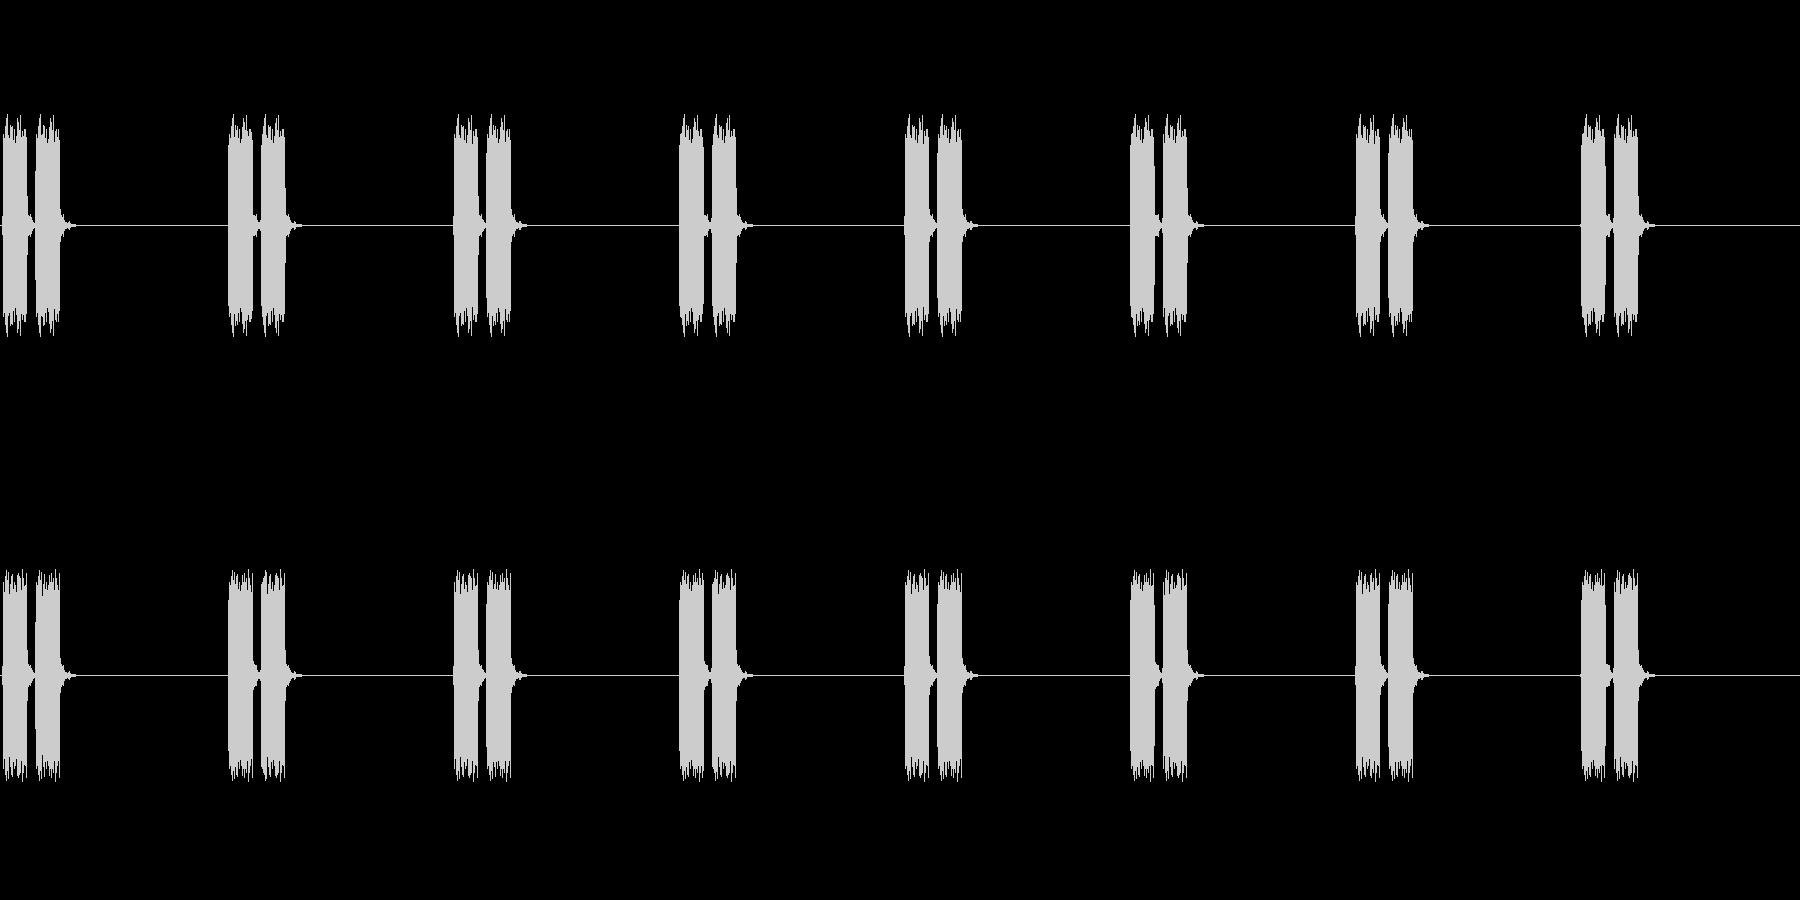 【電子音】心電図 ピピッピピッ(危険)の未再生の波形